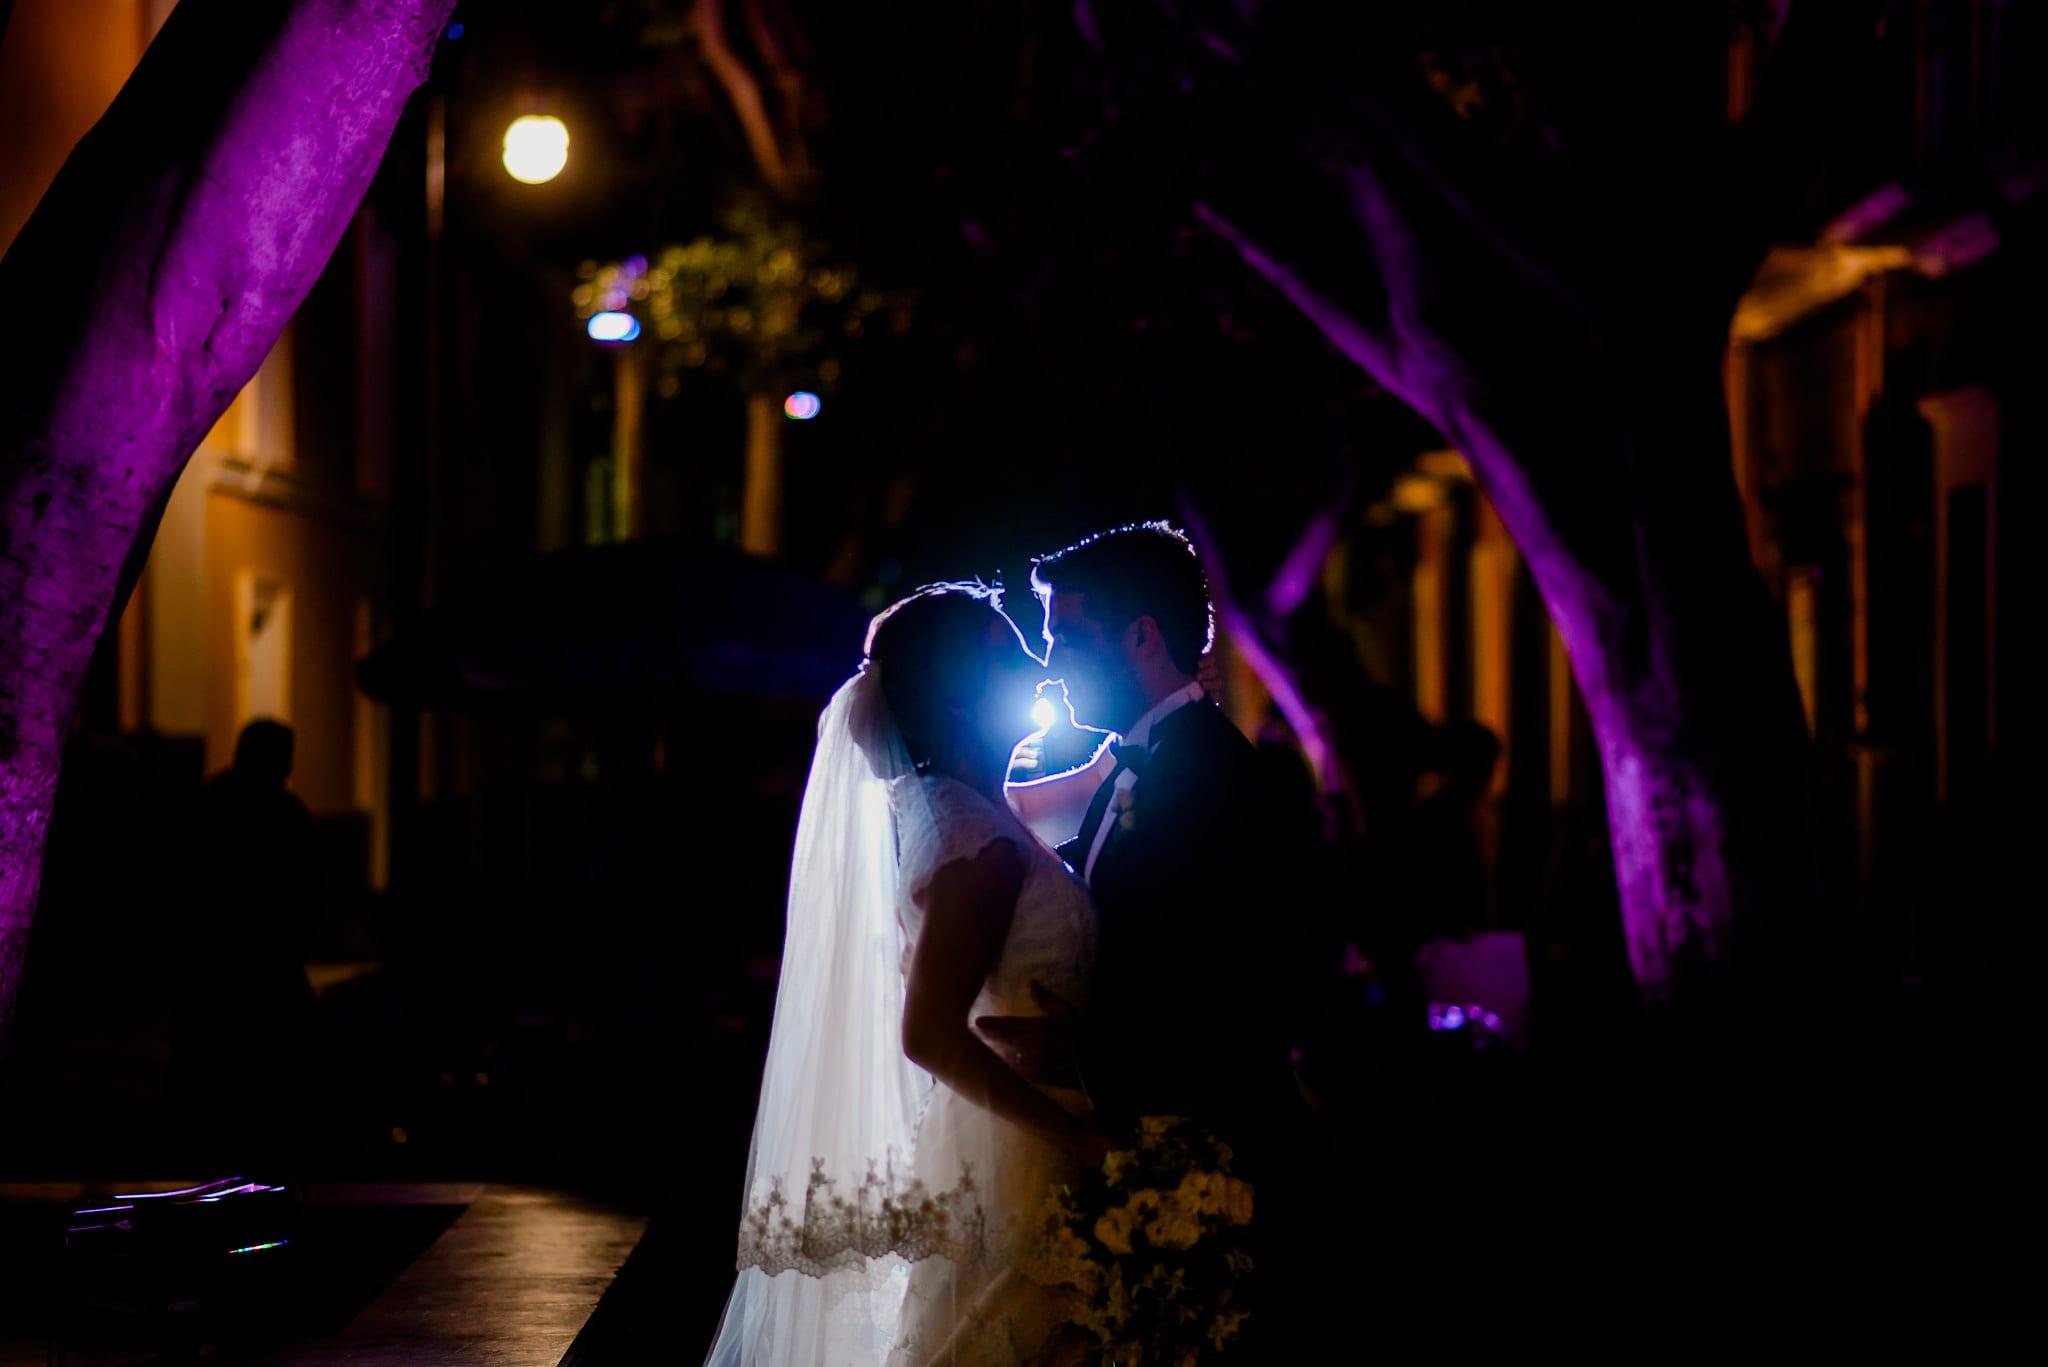 bodas-en-puebla-museo-de-san-pedro-la-compañia-0909